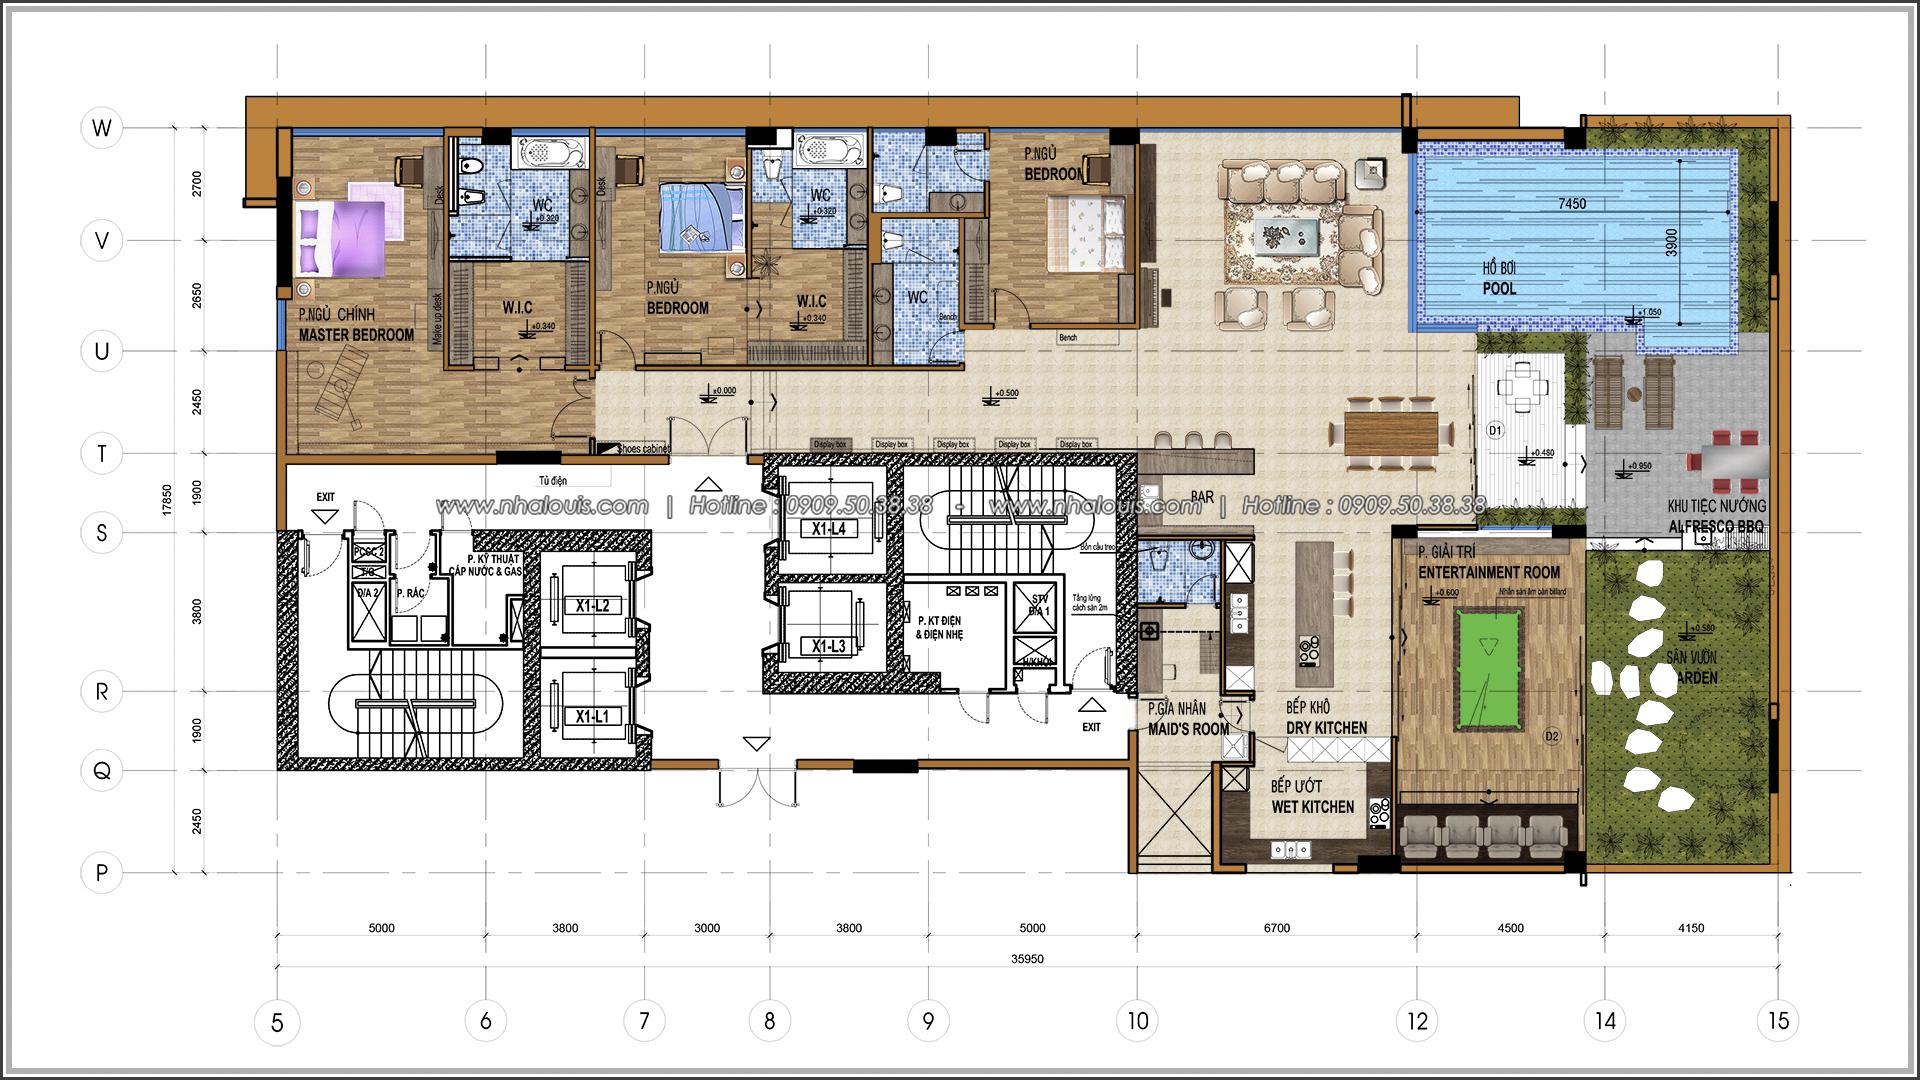 Thiết kế nội thất căn hộ penthouse tại Sunrise City hoành tráng lệ - 01